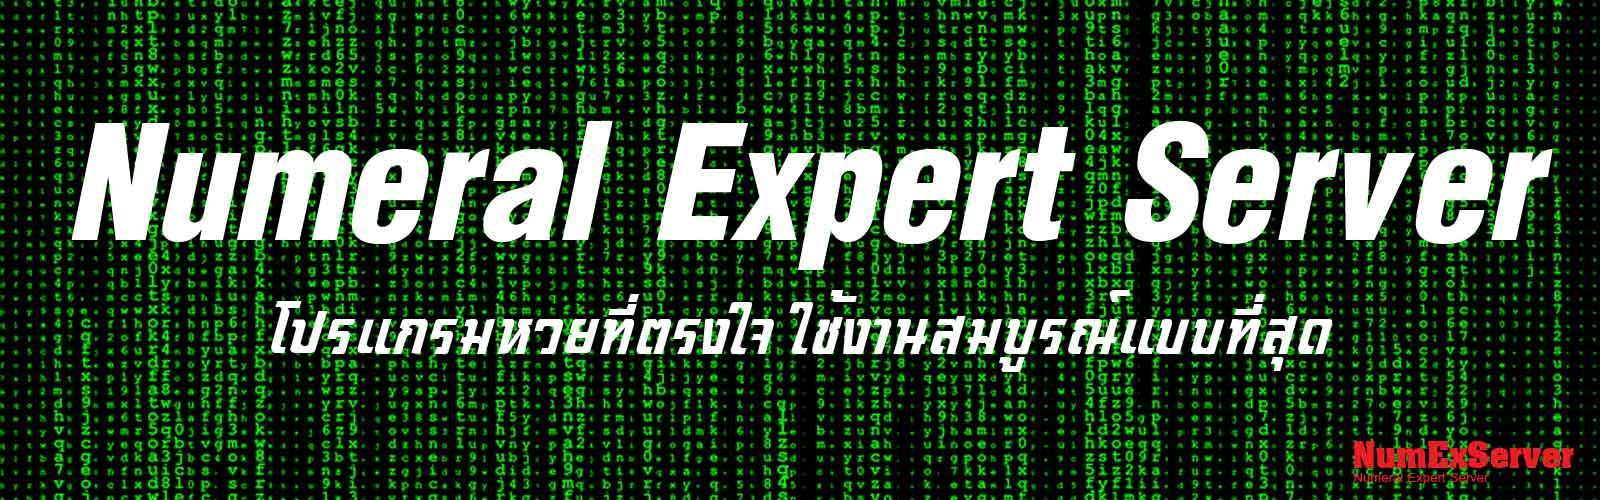 โปรแกรมที่นี่เป็นของแท้ พัฒนาด้วยโปรแกรมเมอร์ชั้นยอด Official Software